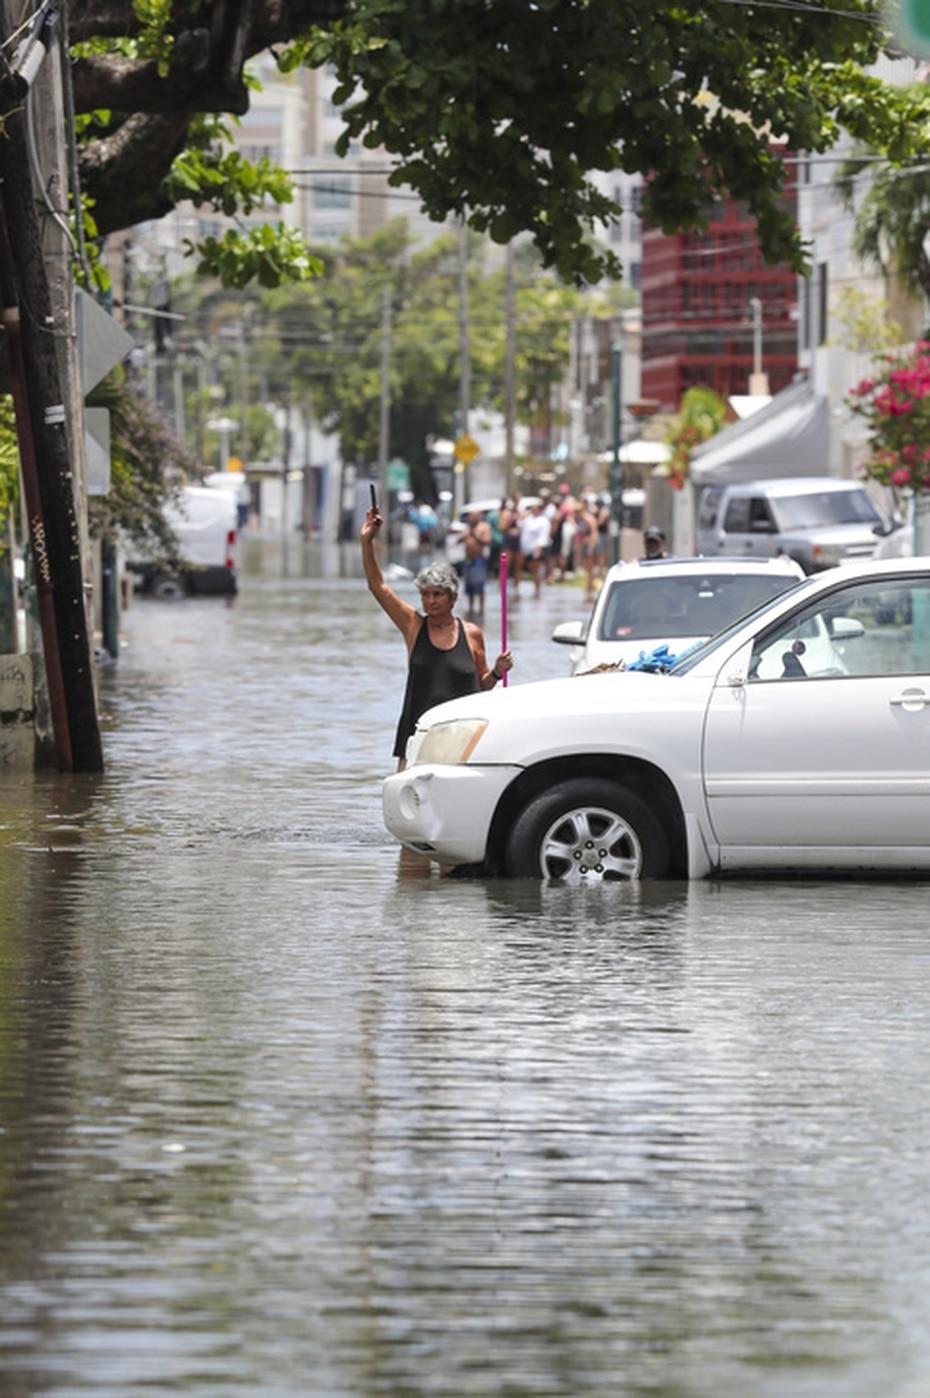 Las inundaciones provocaron que ciudadanos salieran a la calle a tratar de proteger sus propiedades.